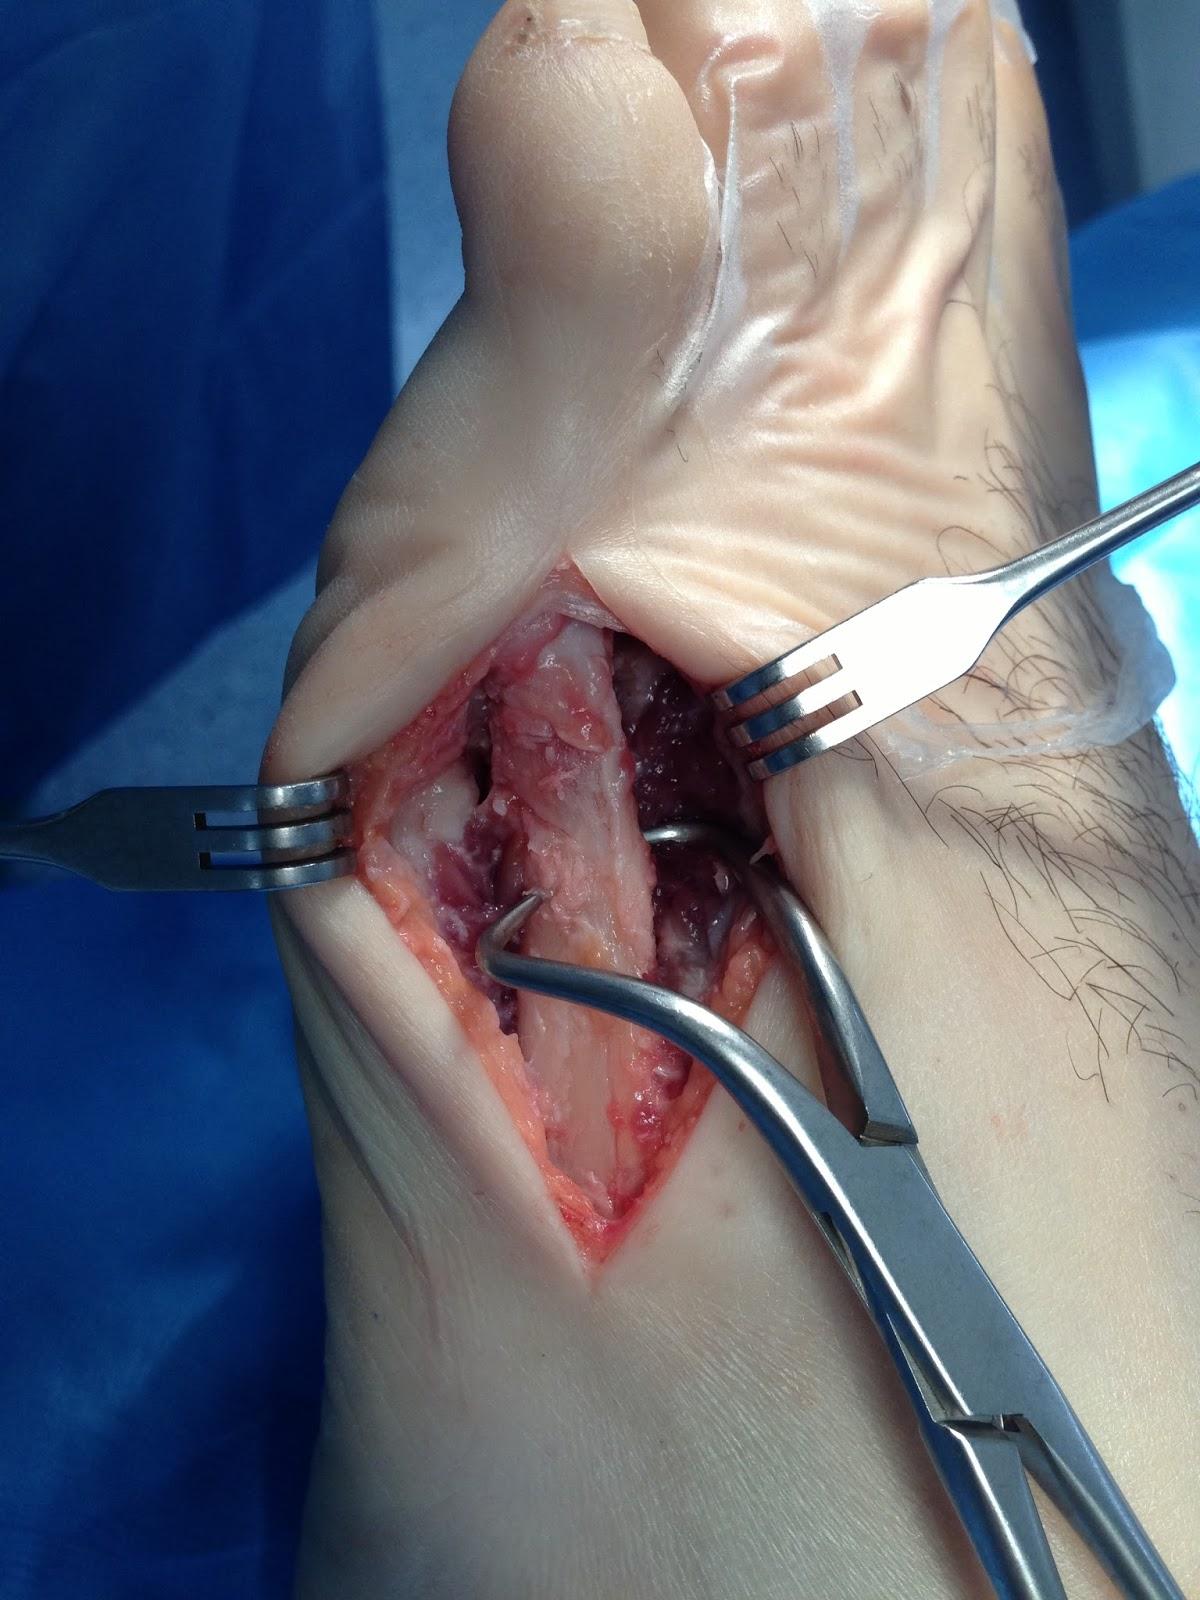 Cirug a ortop dica y traumatolog a avanzada dr ricardo for Cuarto y quinto metatarsiano